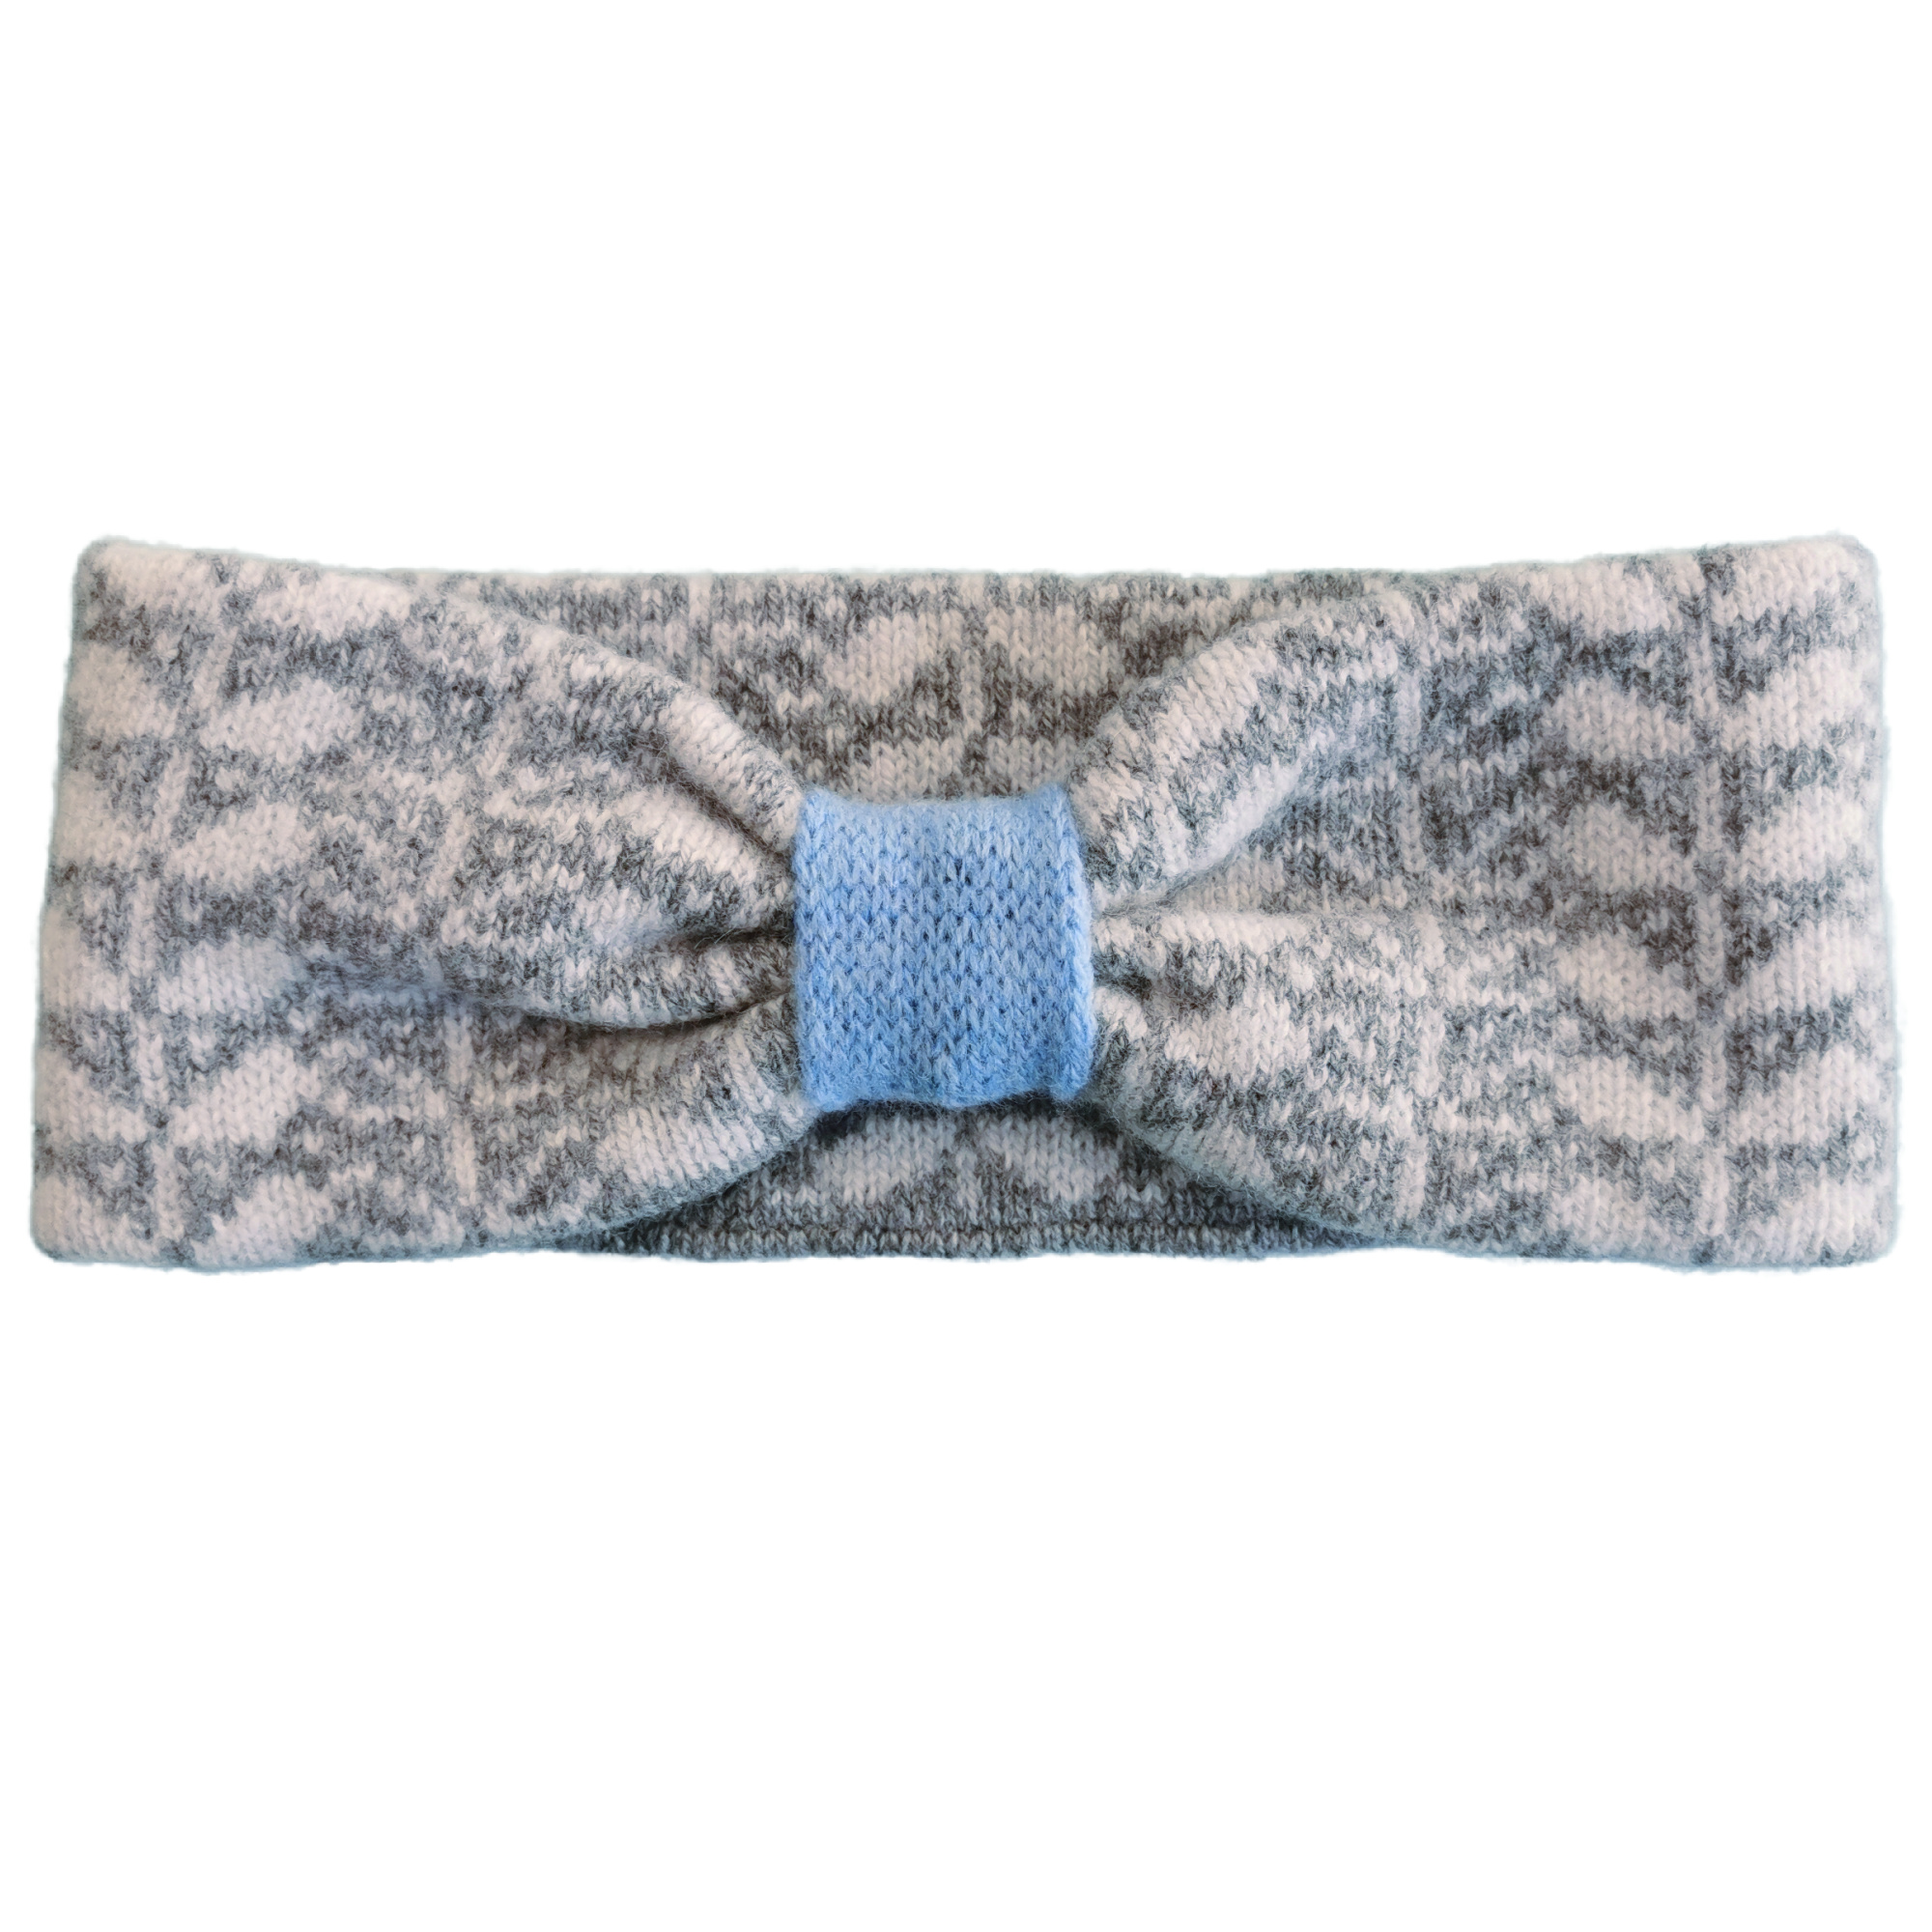 Leaf Design Headband by Scarlet Knitwear